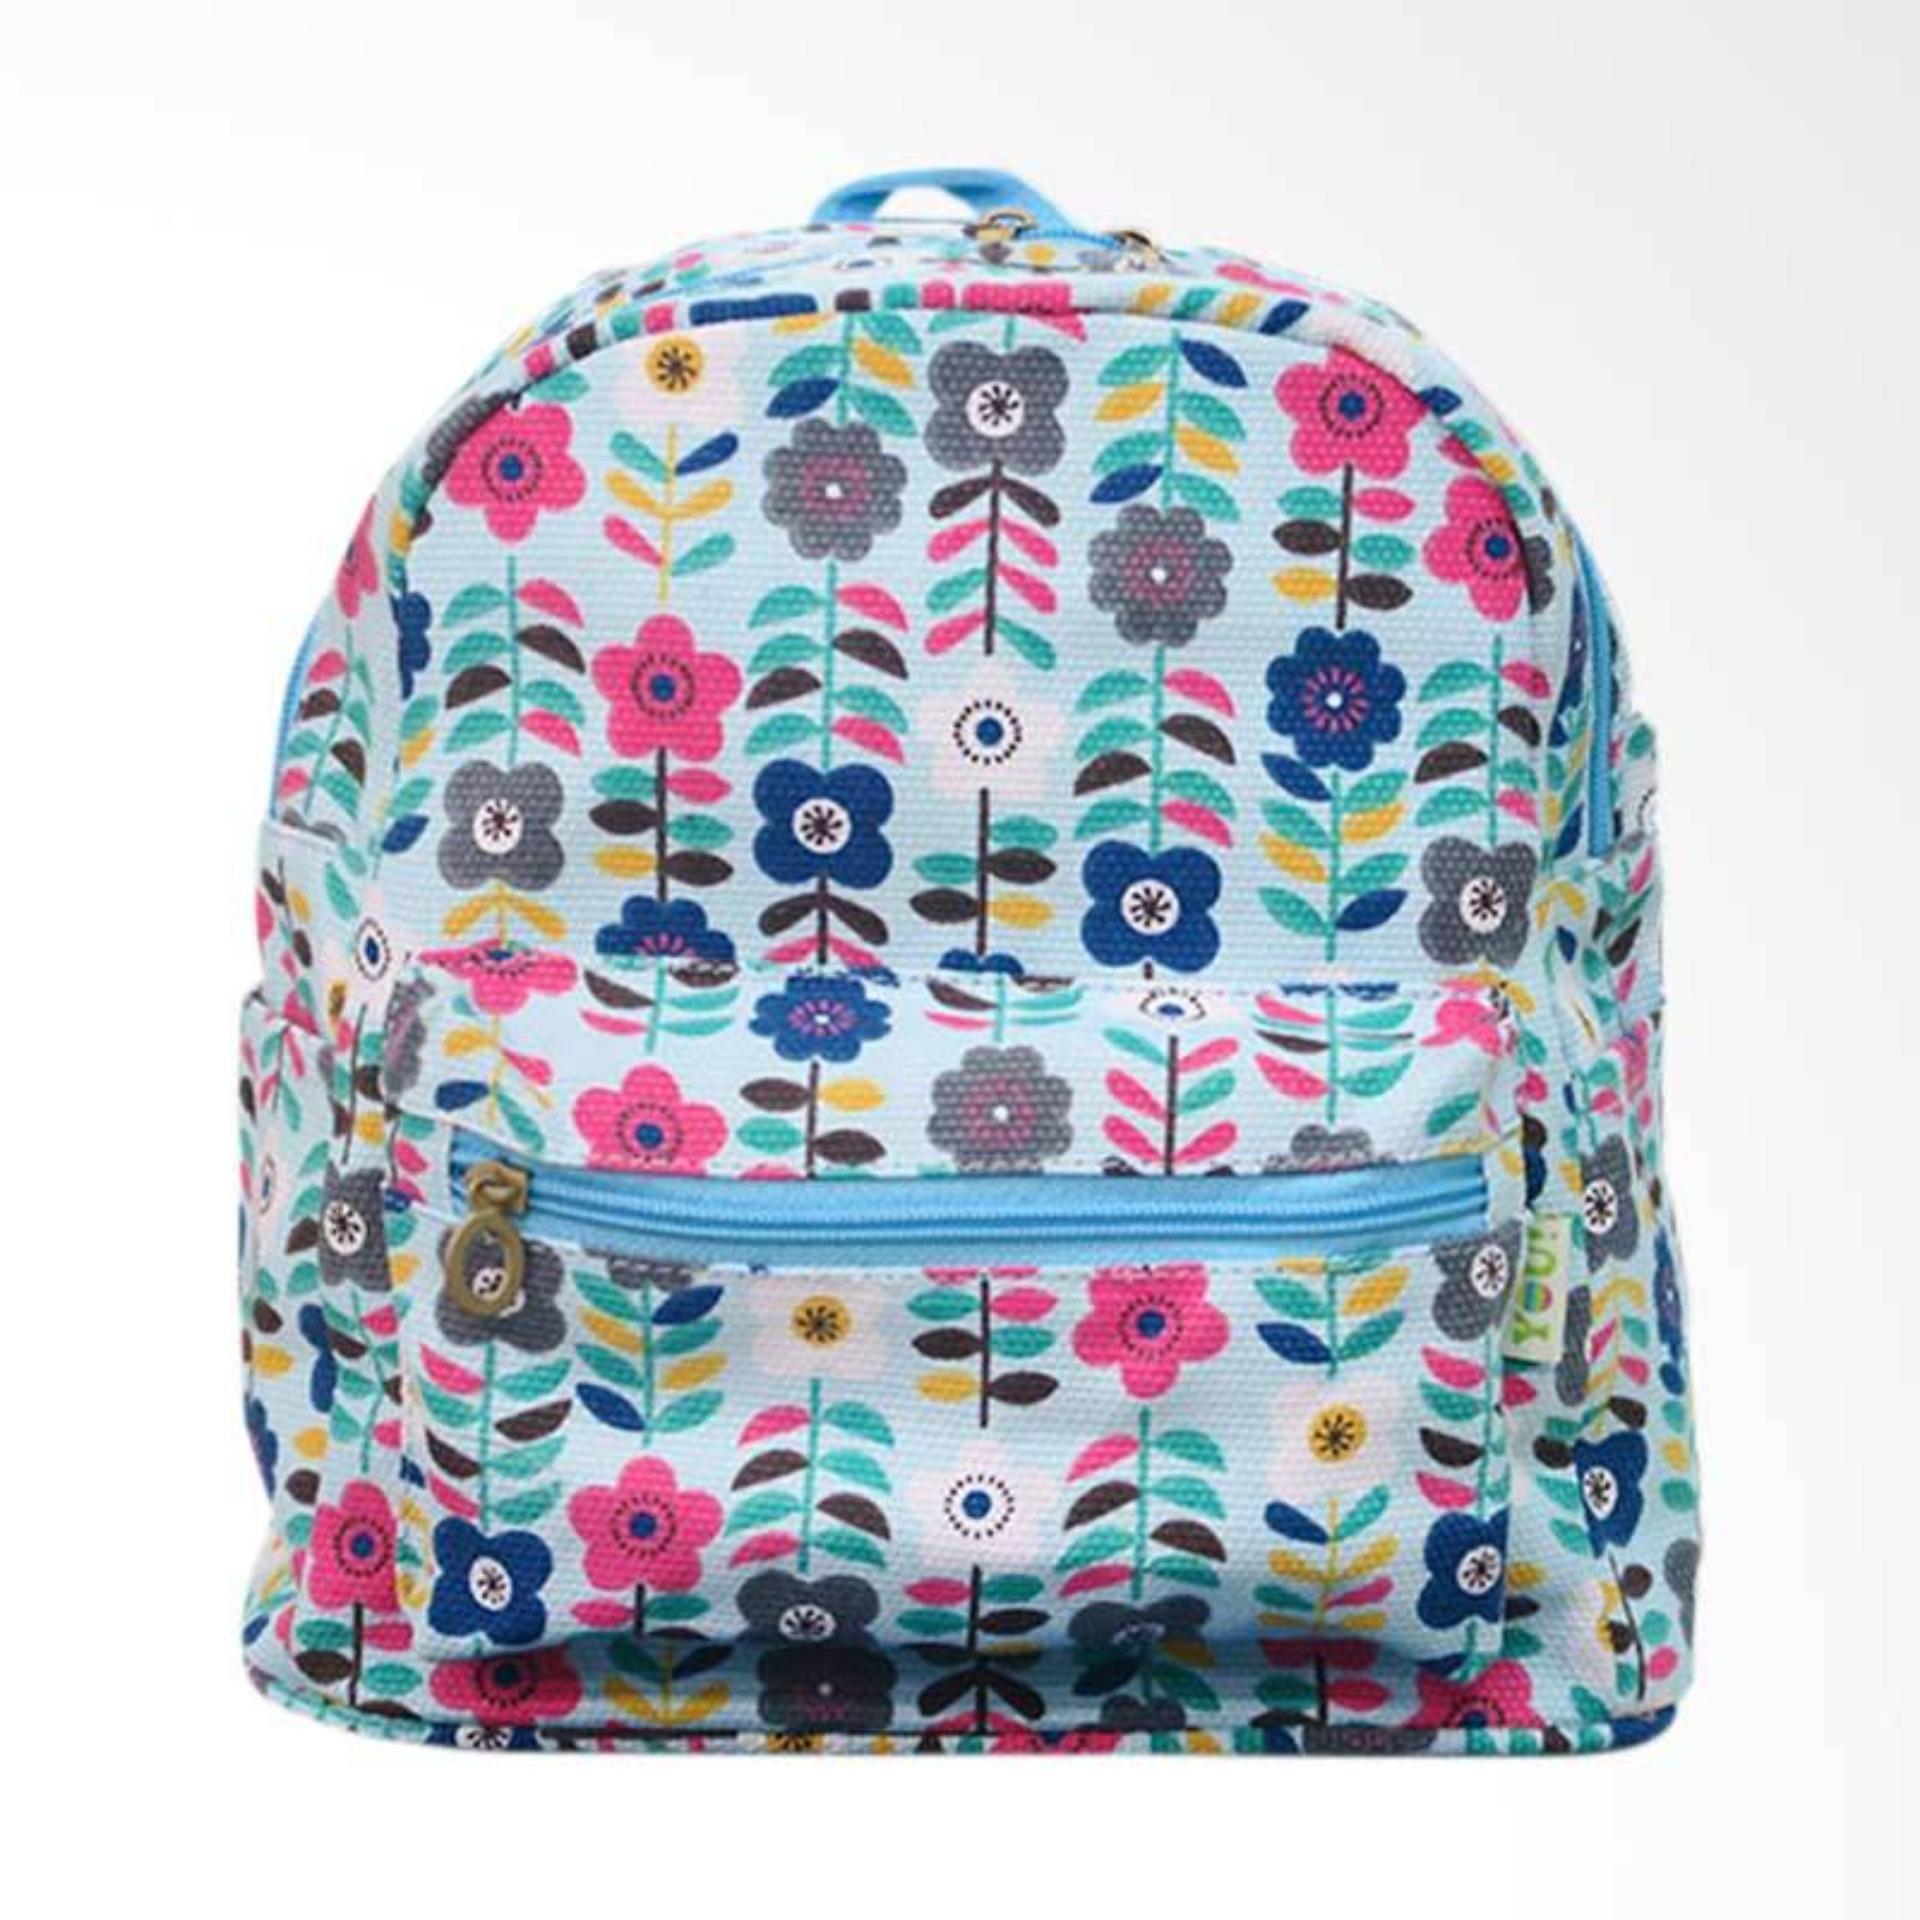 Yeye Bags YOU RSM 02 Flower Tas Ransel Backpack - Biru